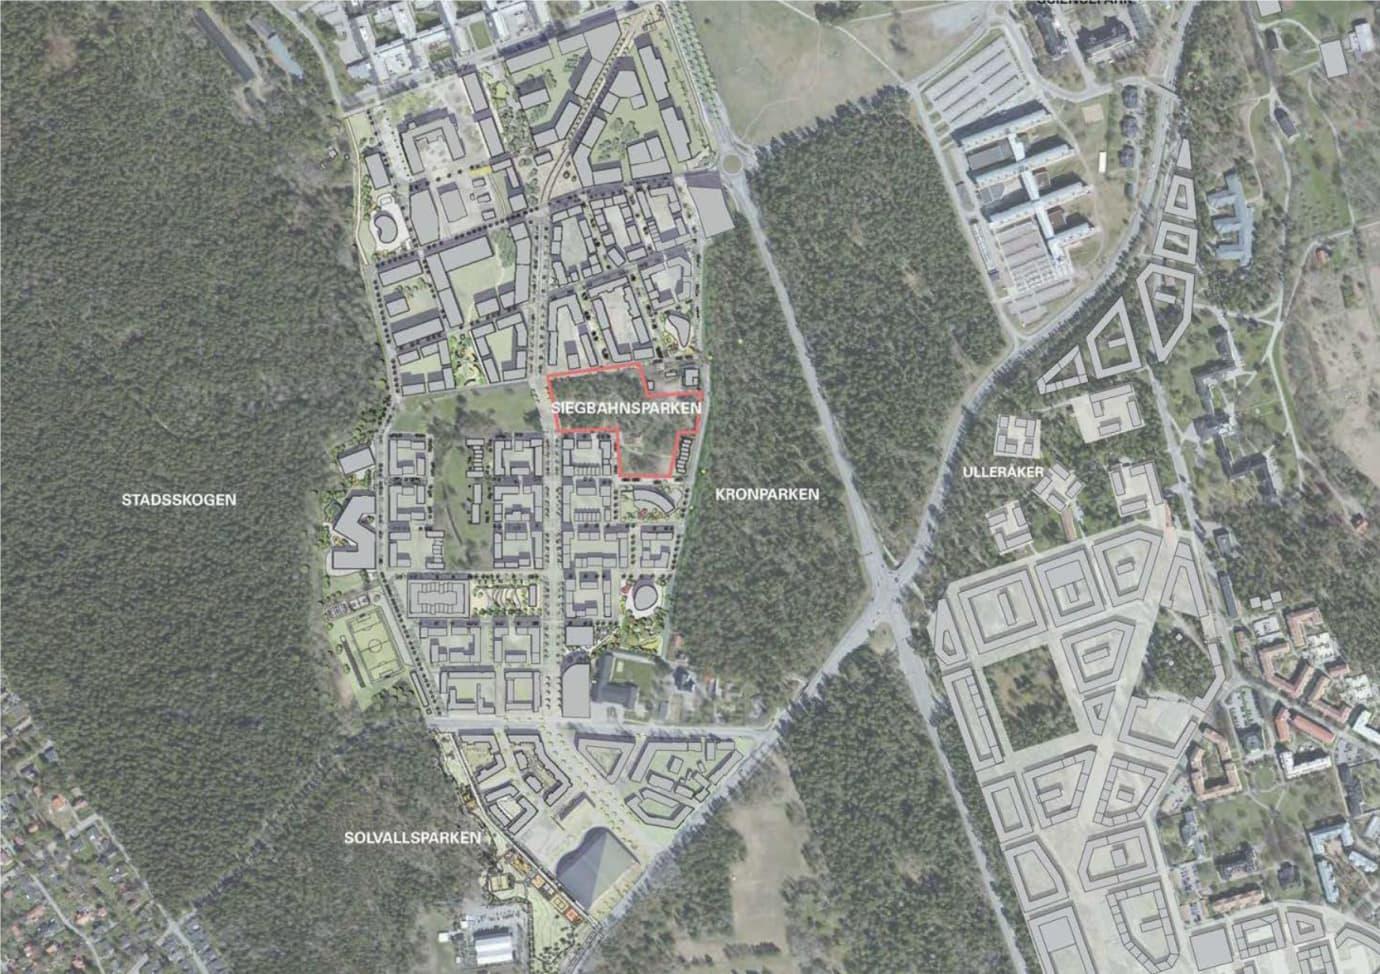 Uppsala kommun planerar att bygga en ny park i Rosendal